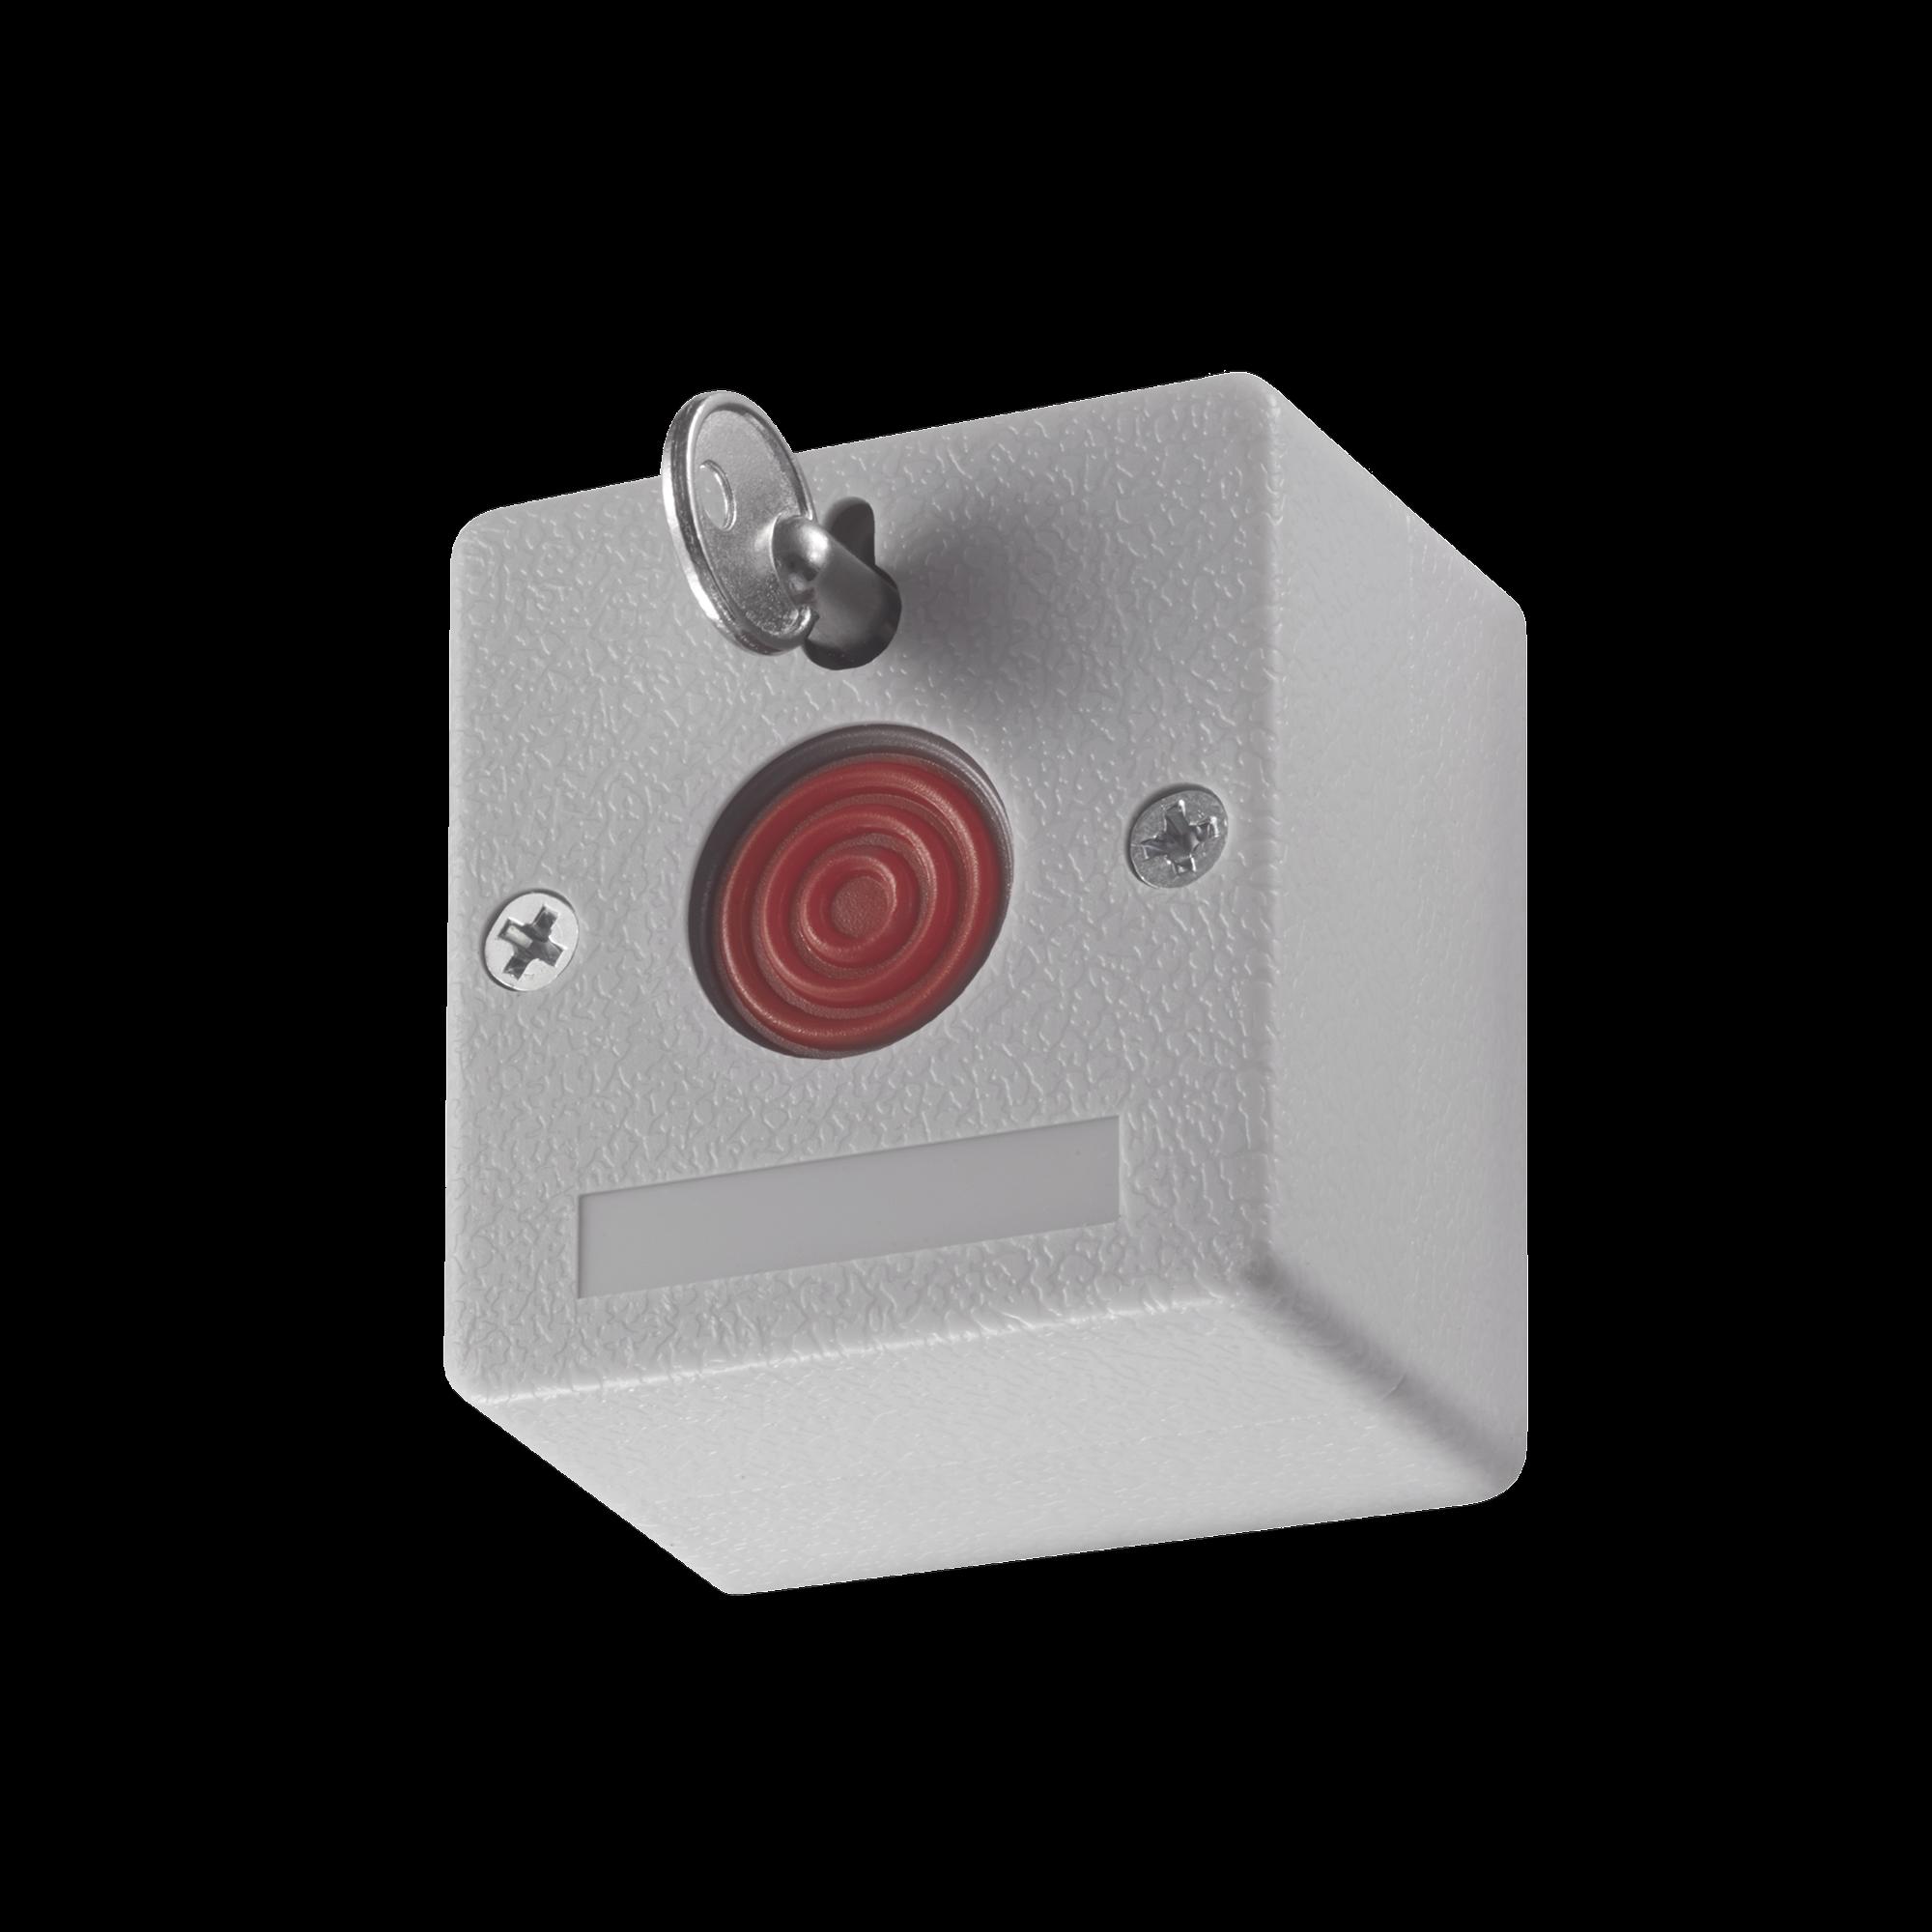 Botón de Pánico Hikvision / Cableado